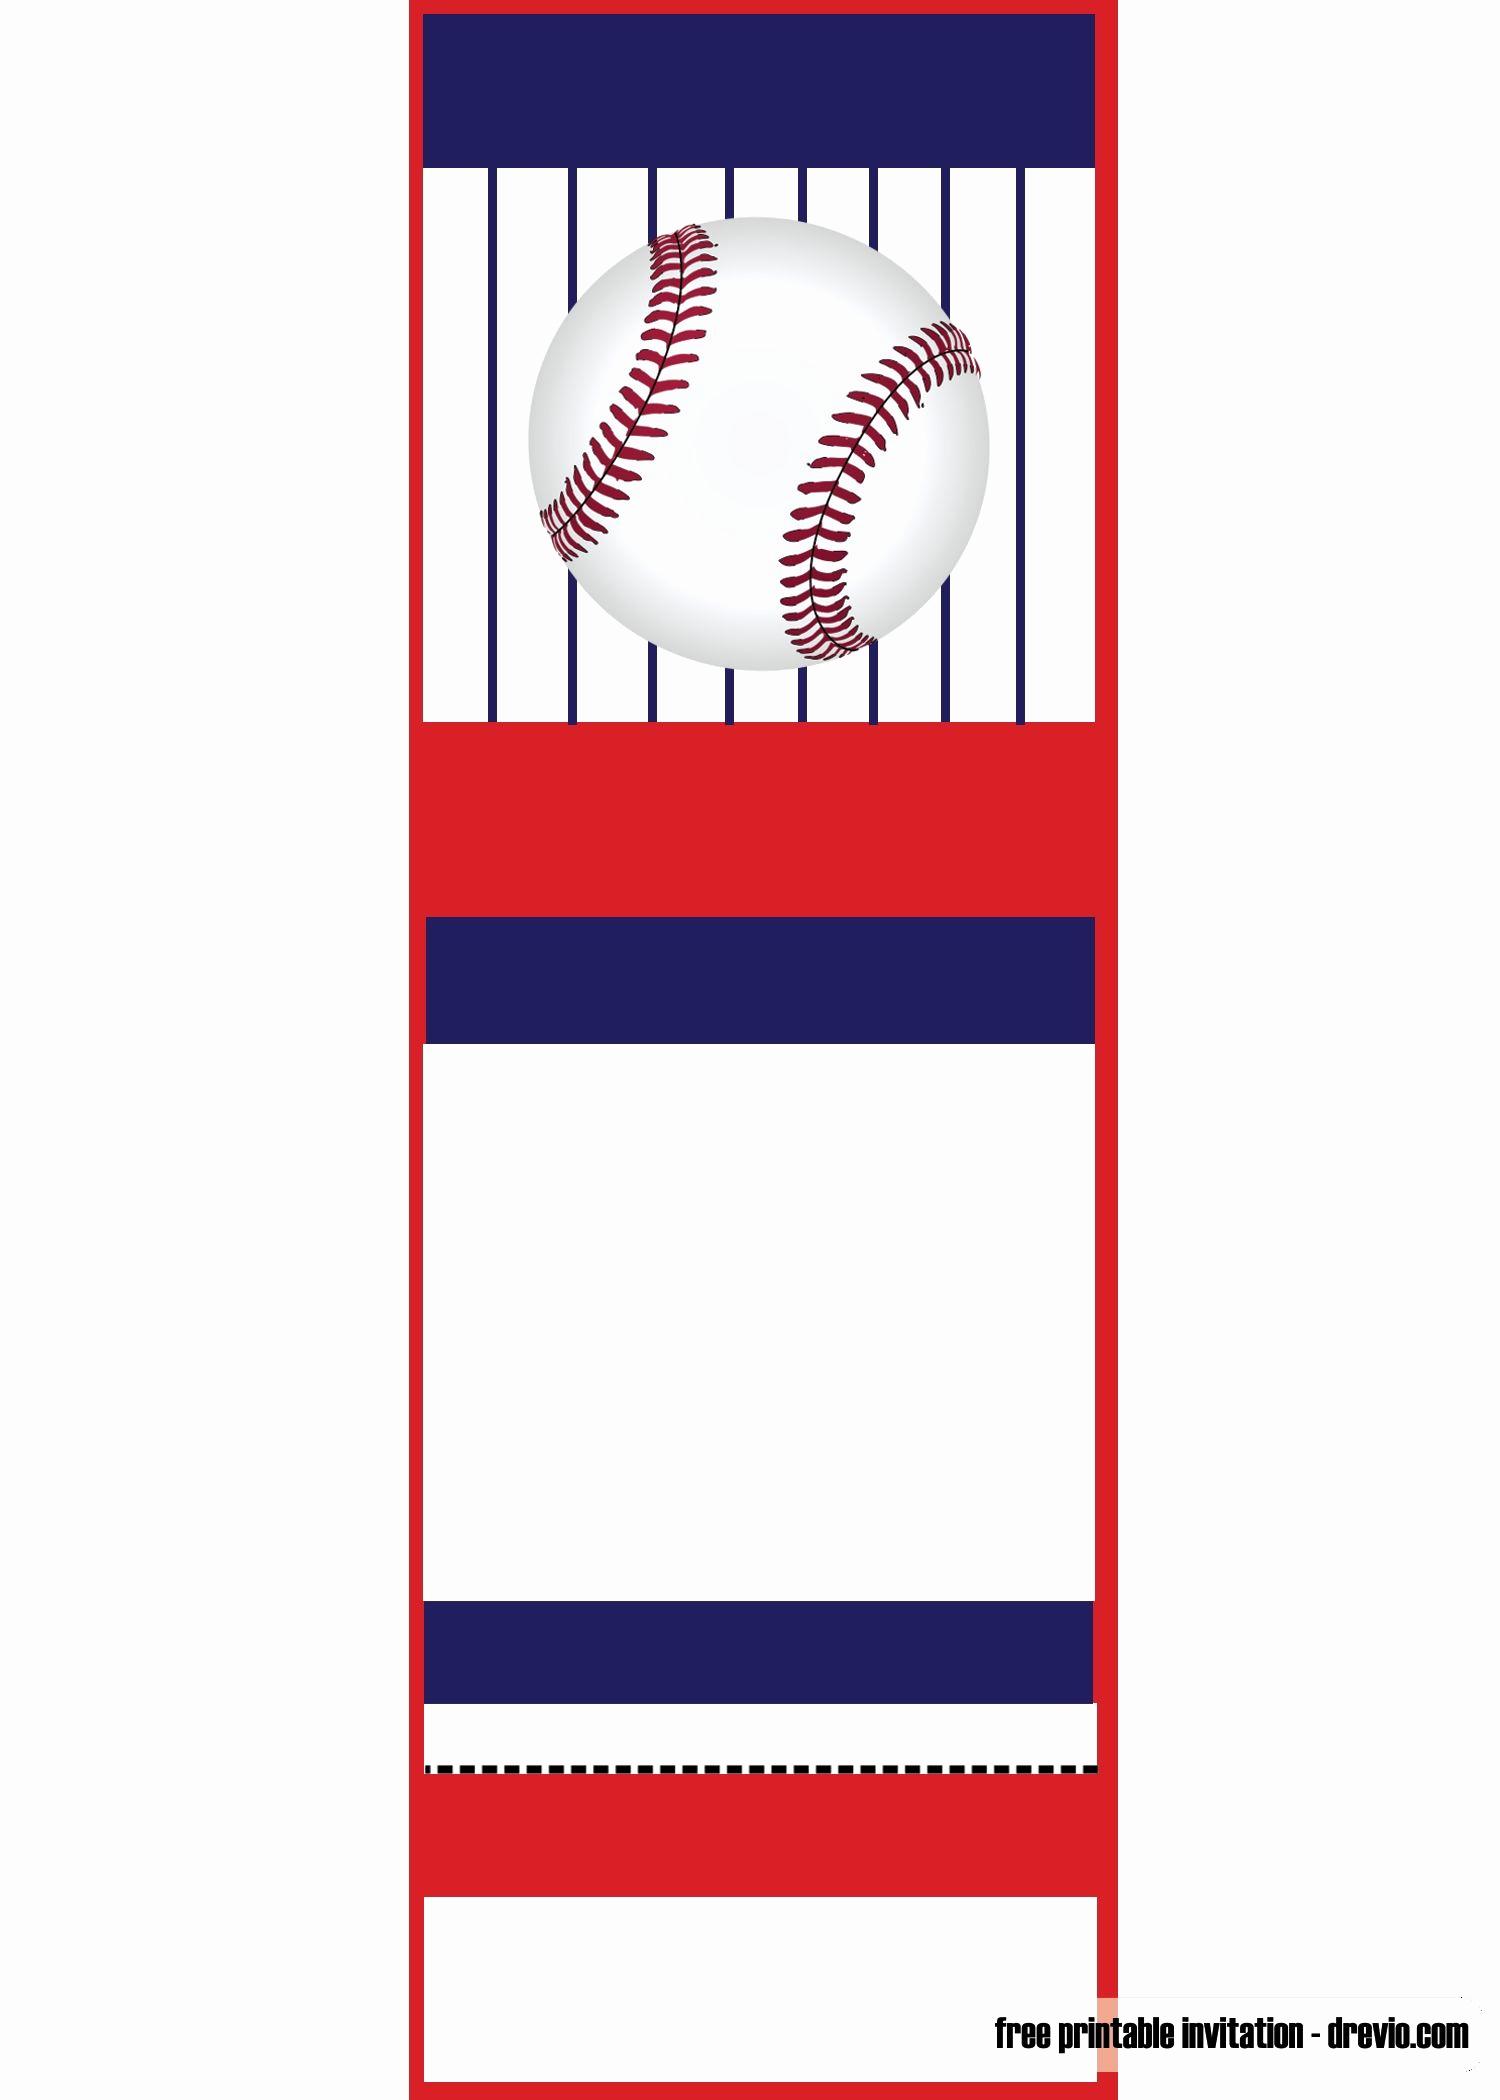 Baseball Invitation Template Free Best Of Free Printable Baseball Ticket Invitation